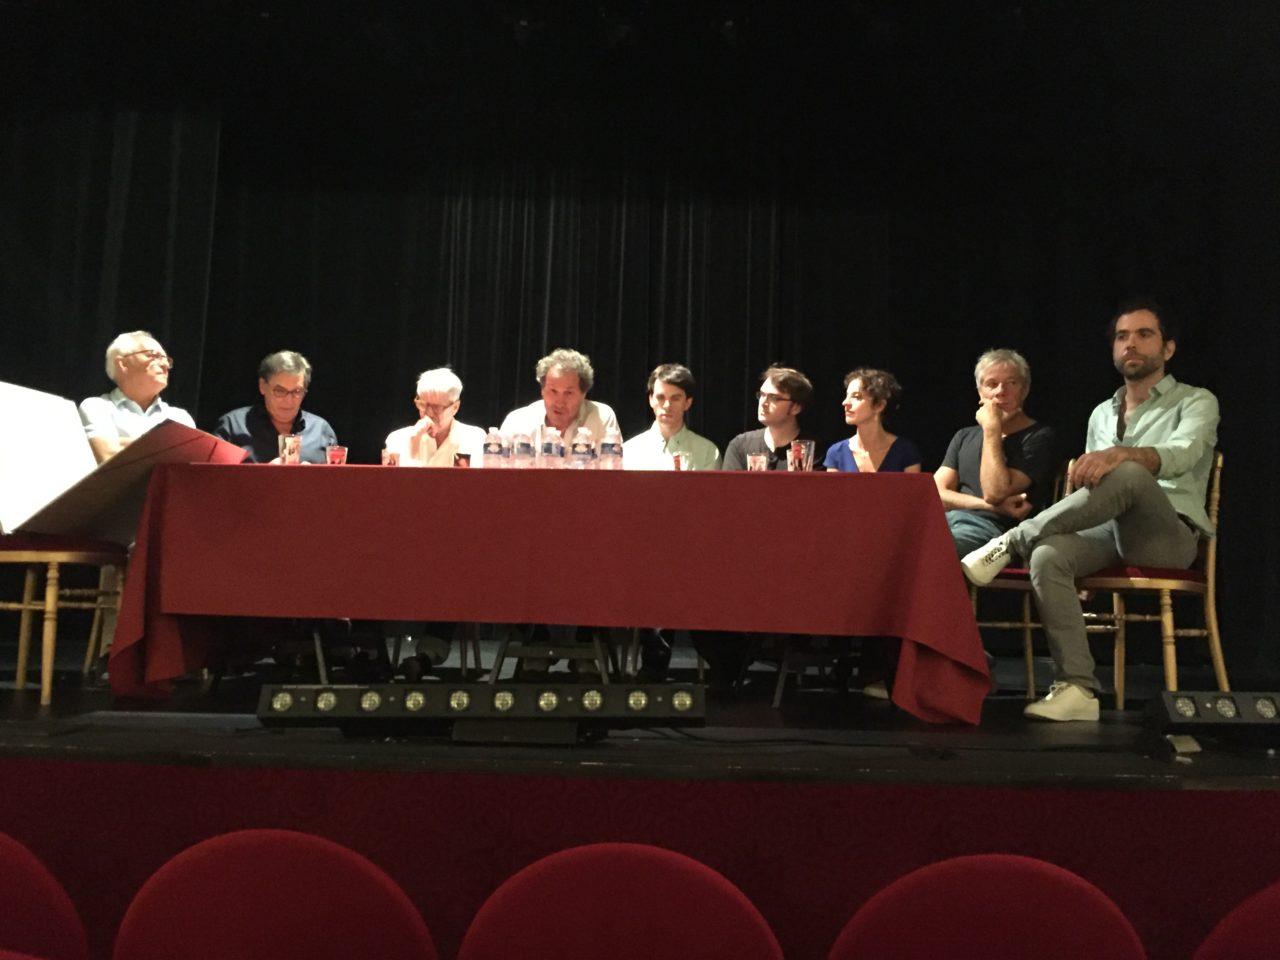 De gauche à droite: Charles Tordjman, Pascal Legros, Jean-Louis Benoit, Francis Lombrail Julien et Mathias Cadez, Lysiane Meis, José Paul et Sébastien Castro